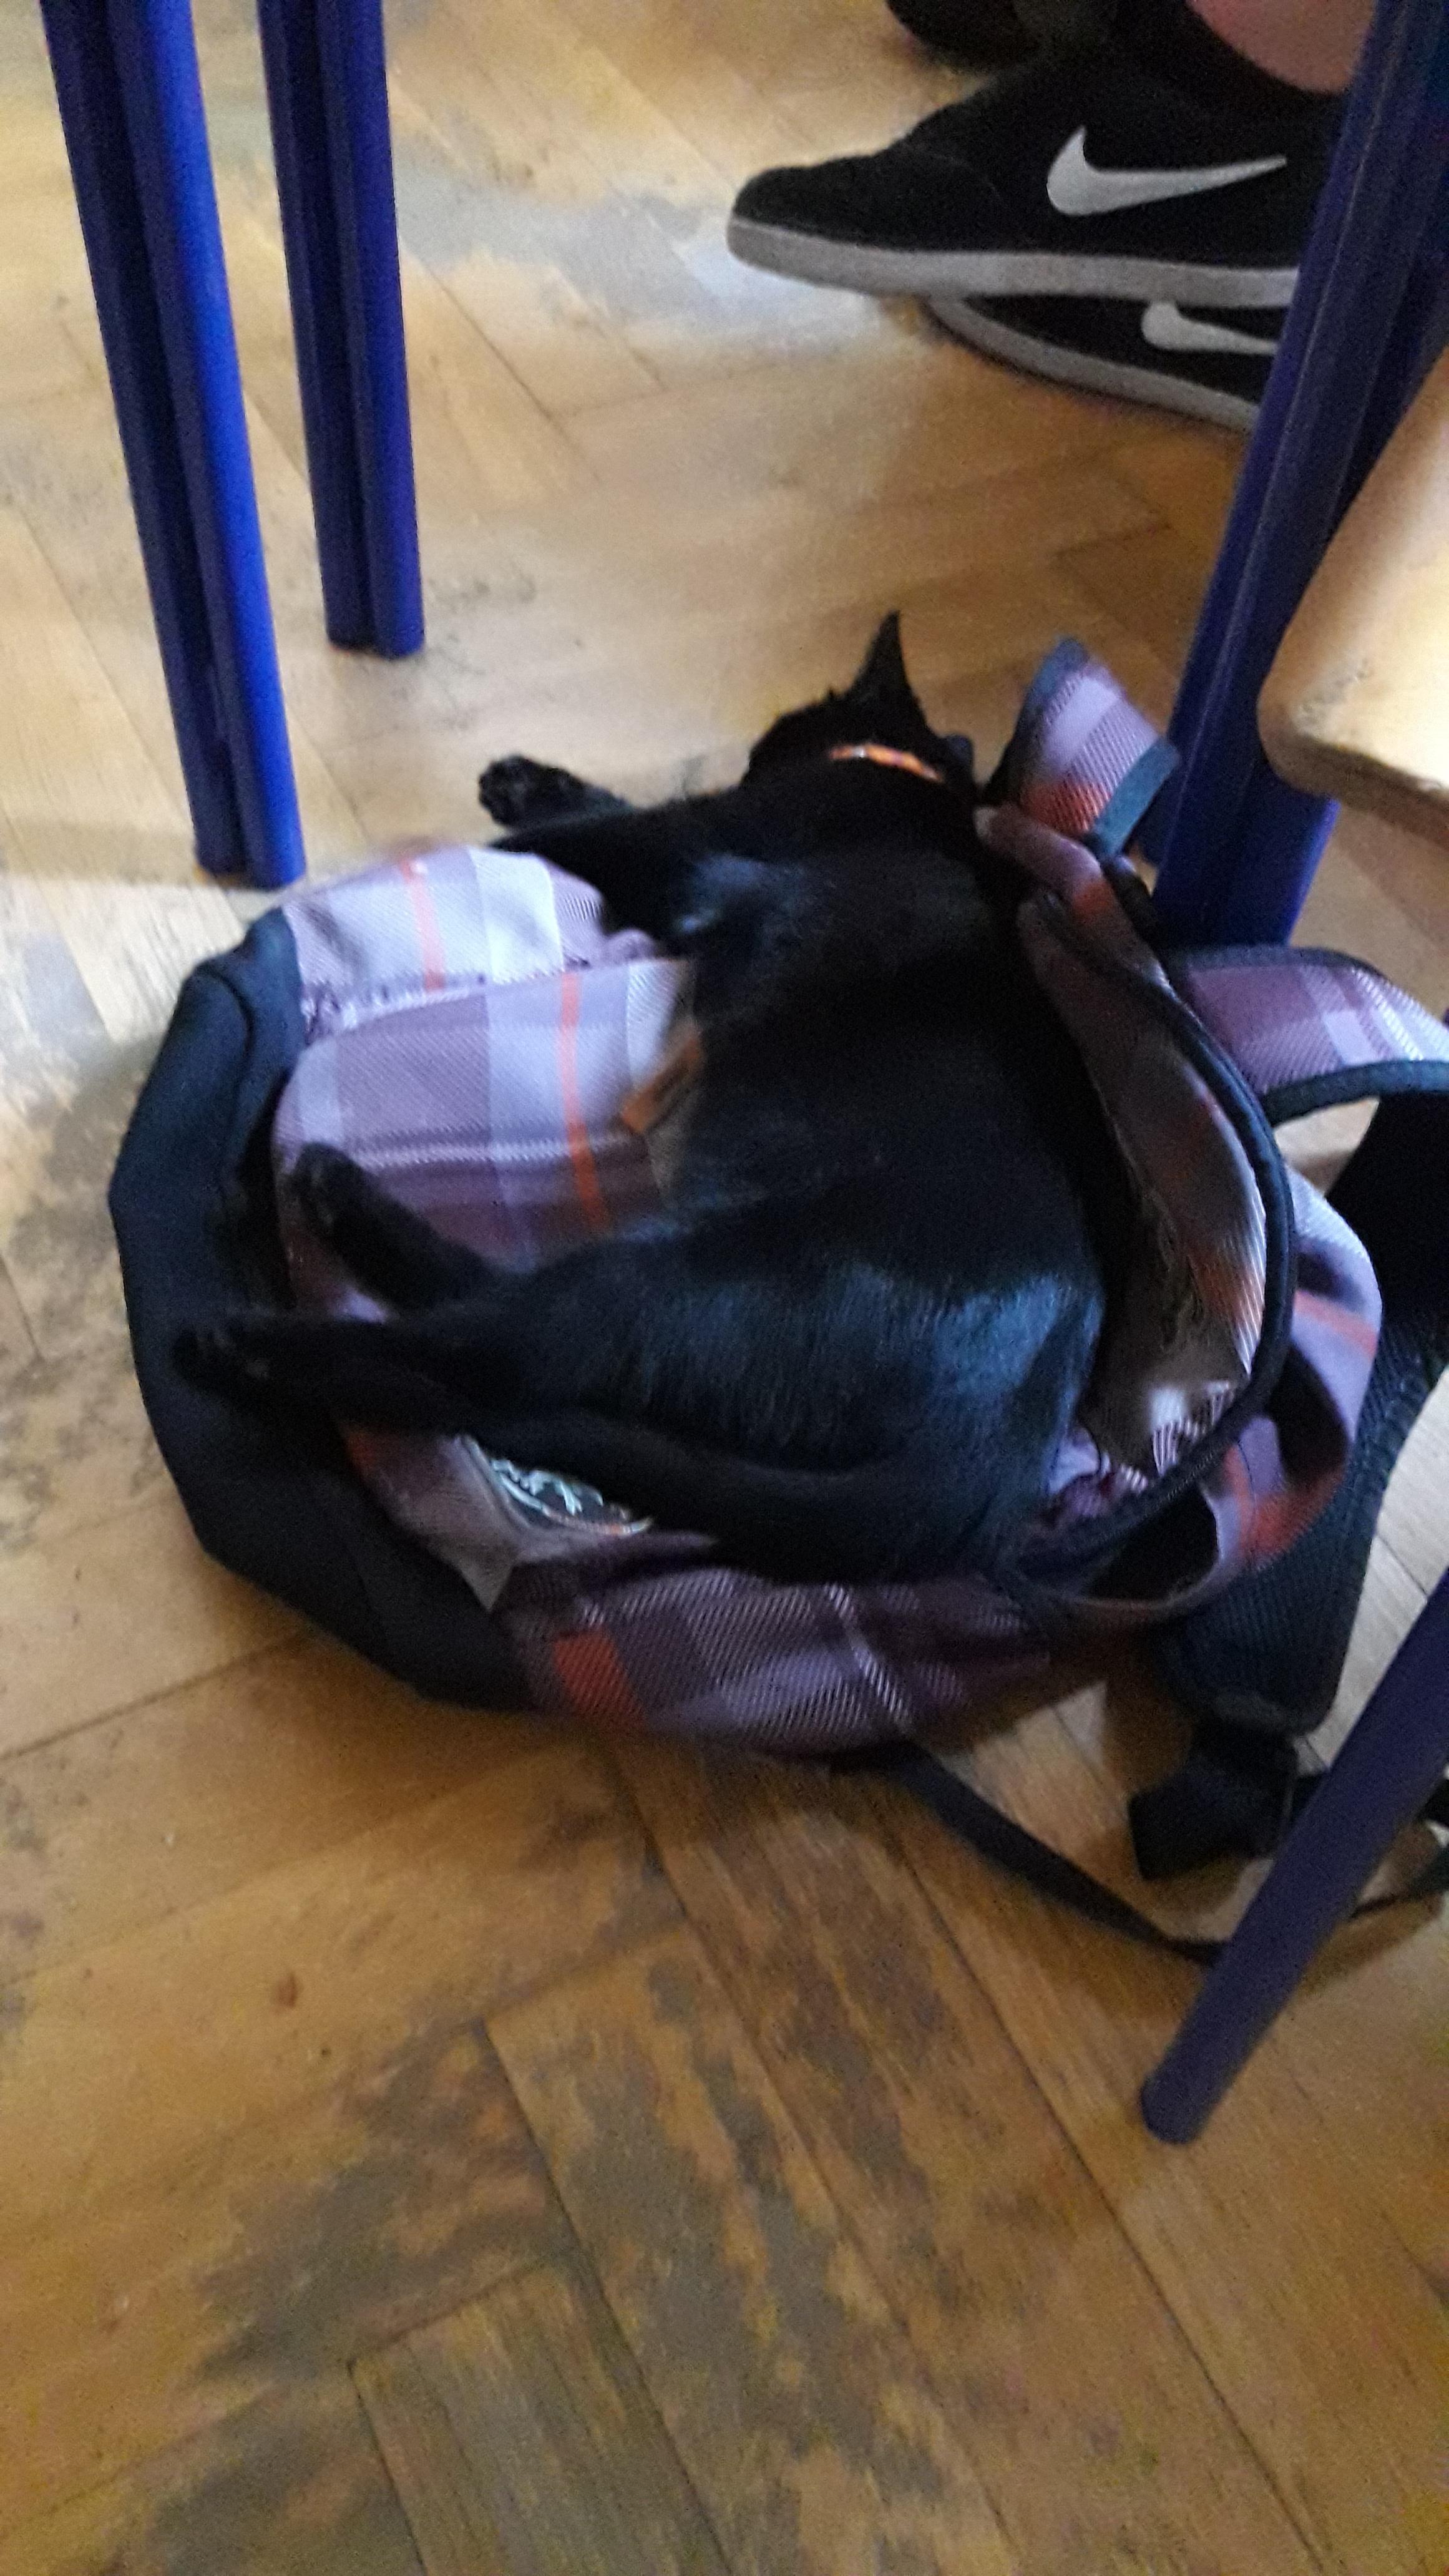 javna crna maca Donna crveni lezbijski porno